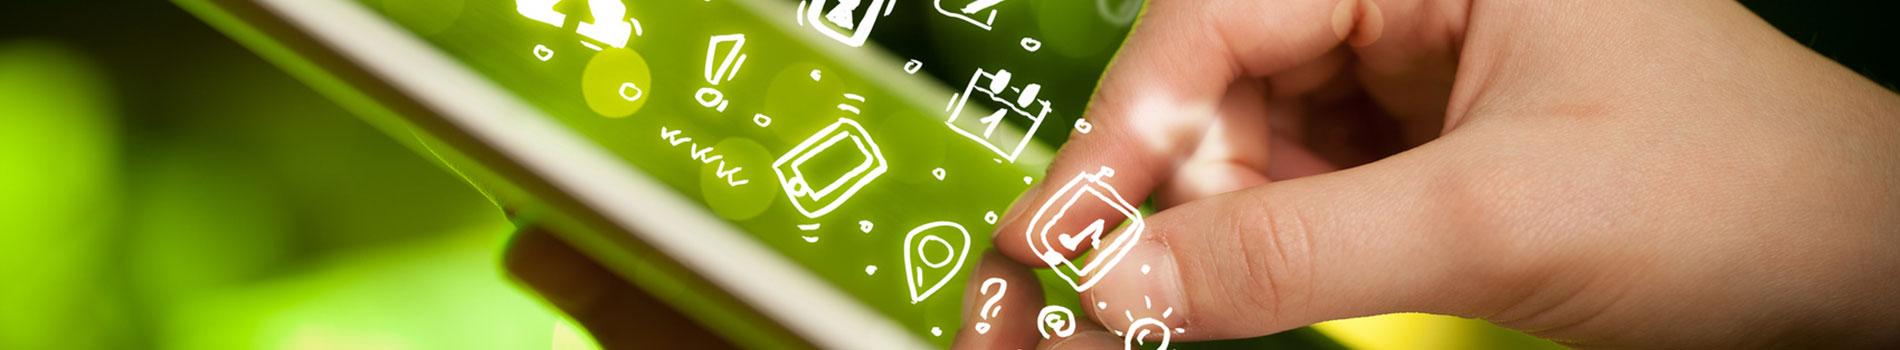 Agencja interaktywna Olsztyn - e-webrank.eu